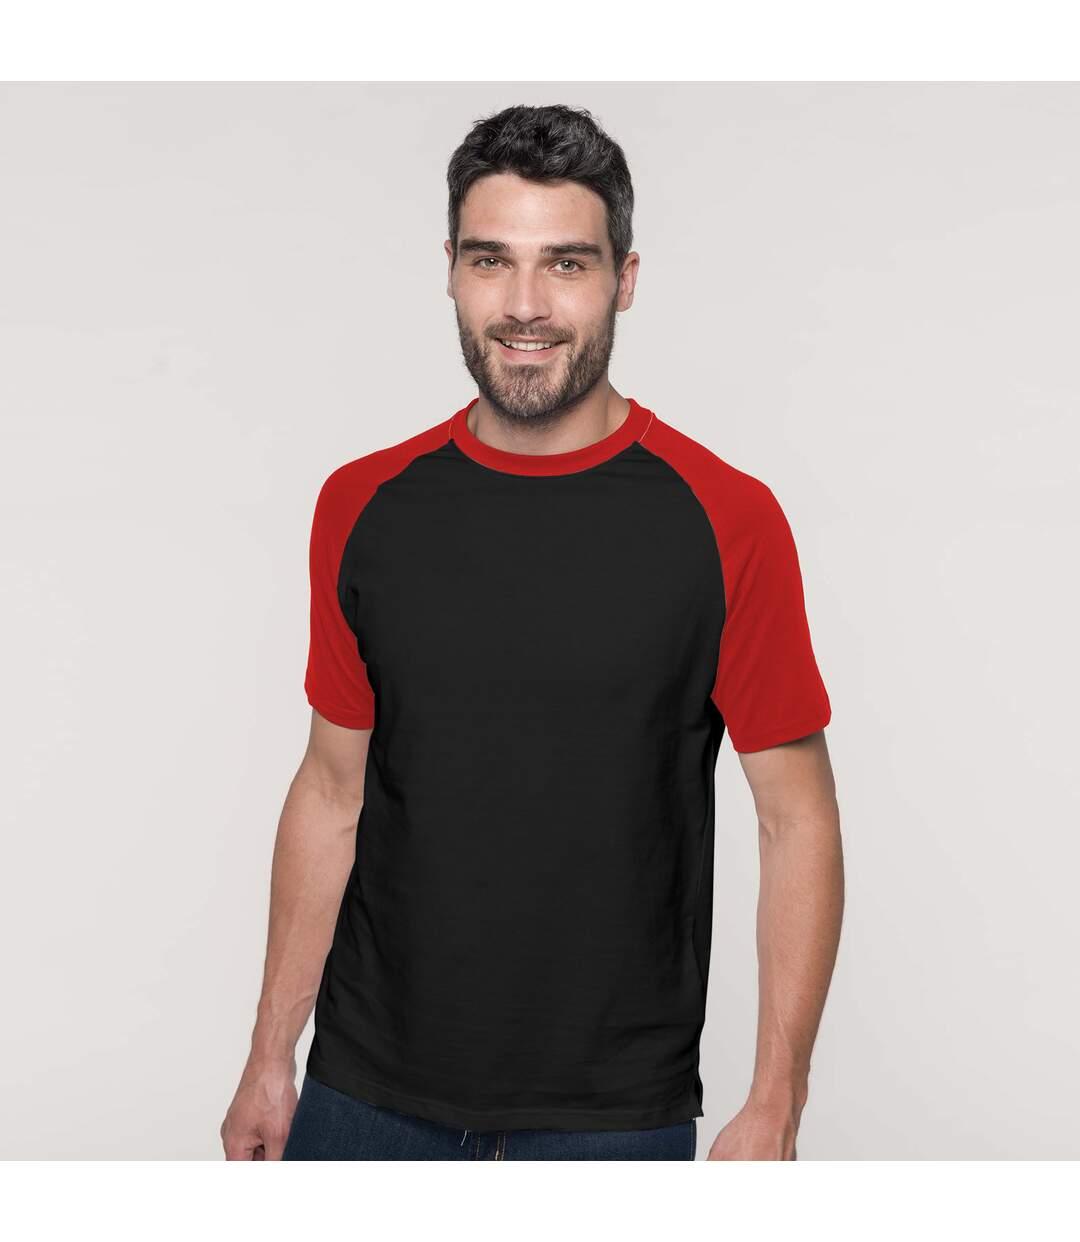 Kariban Mens Short Sleeve Baseball T-Shirt (White/Red) - UTRW705